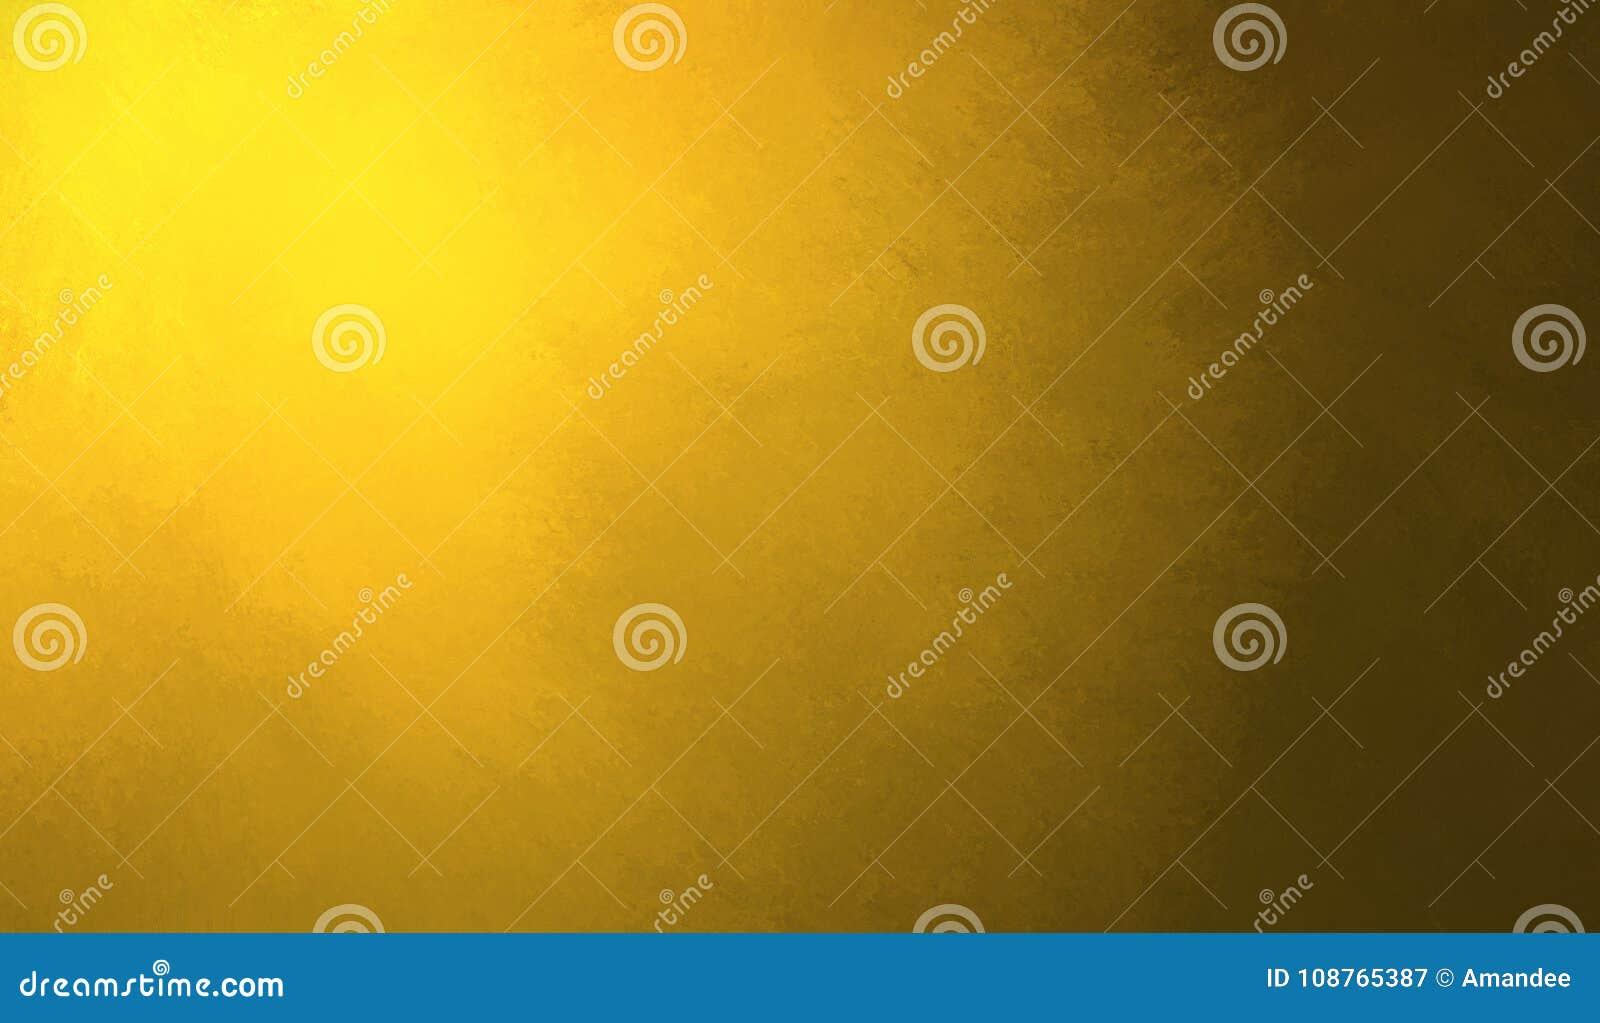 Abstrakcjonistyczny żółtego złota tła projekt, granica ciemnego koloru krawędzie czerni, słońca lub światła słonecznego światło r